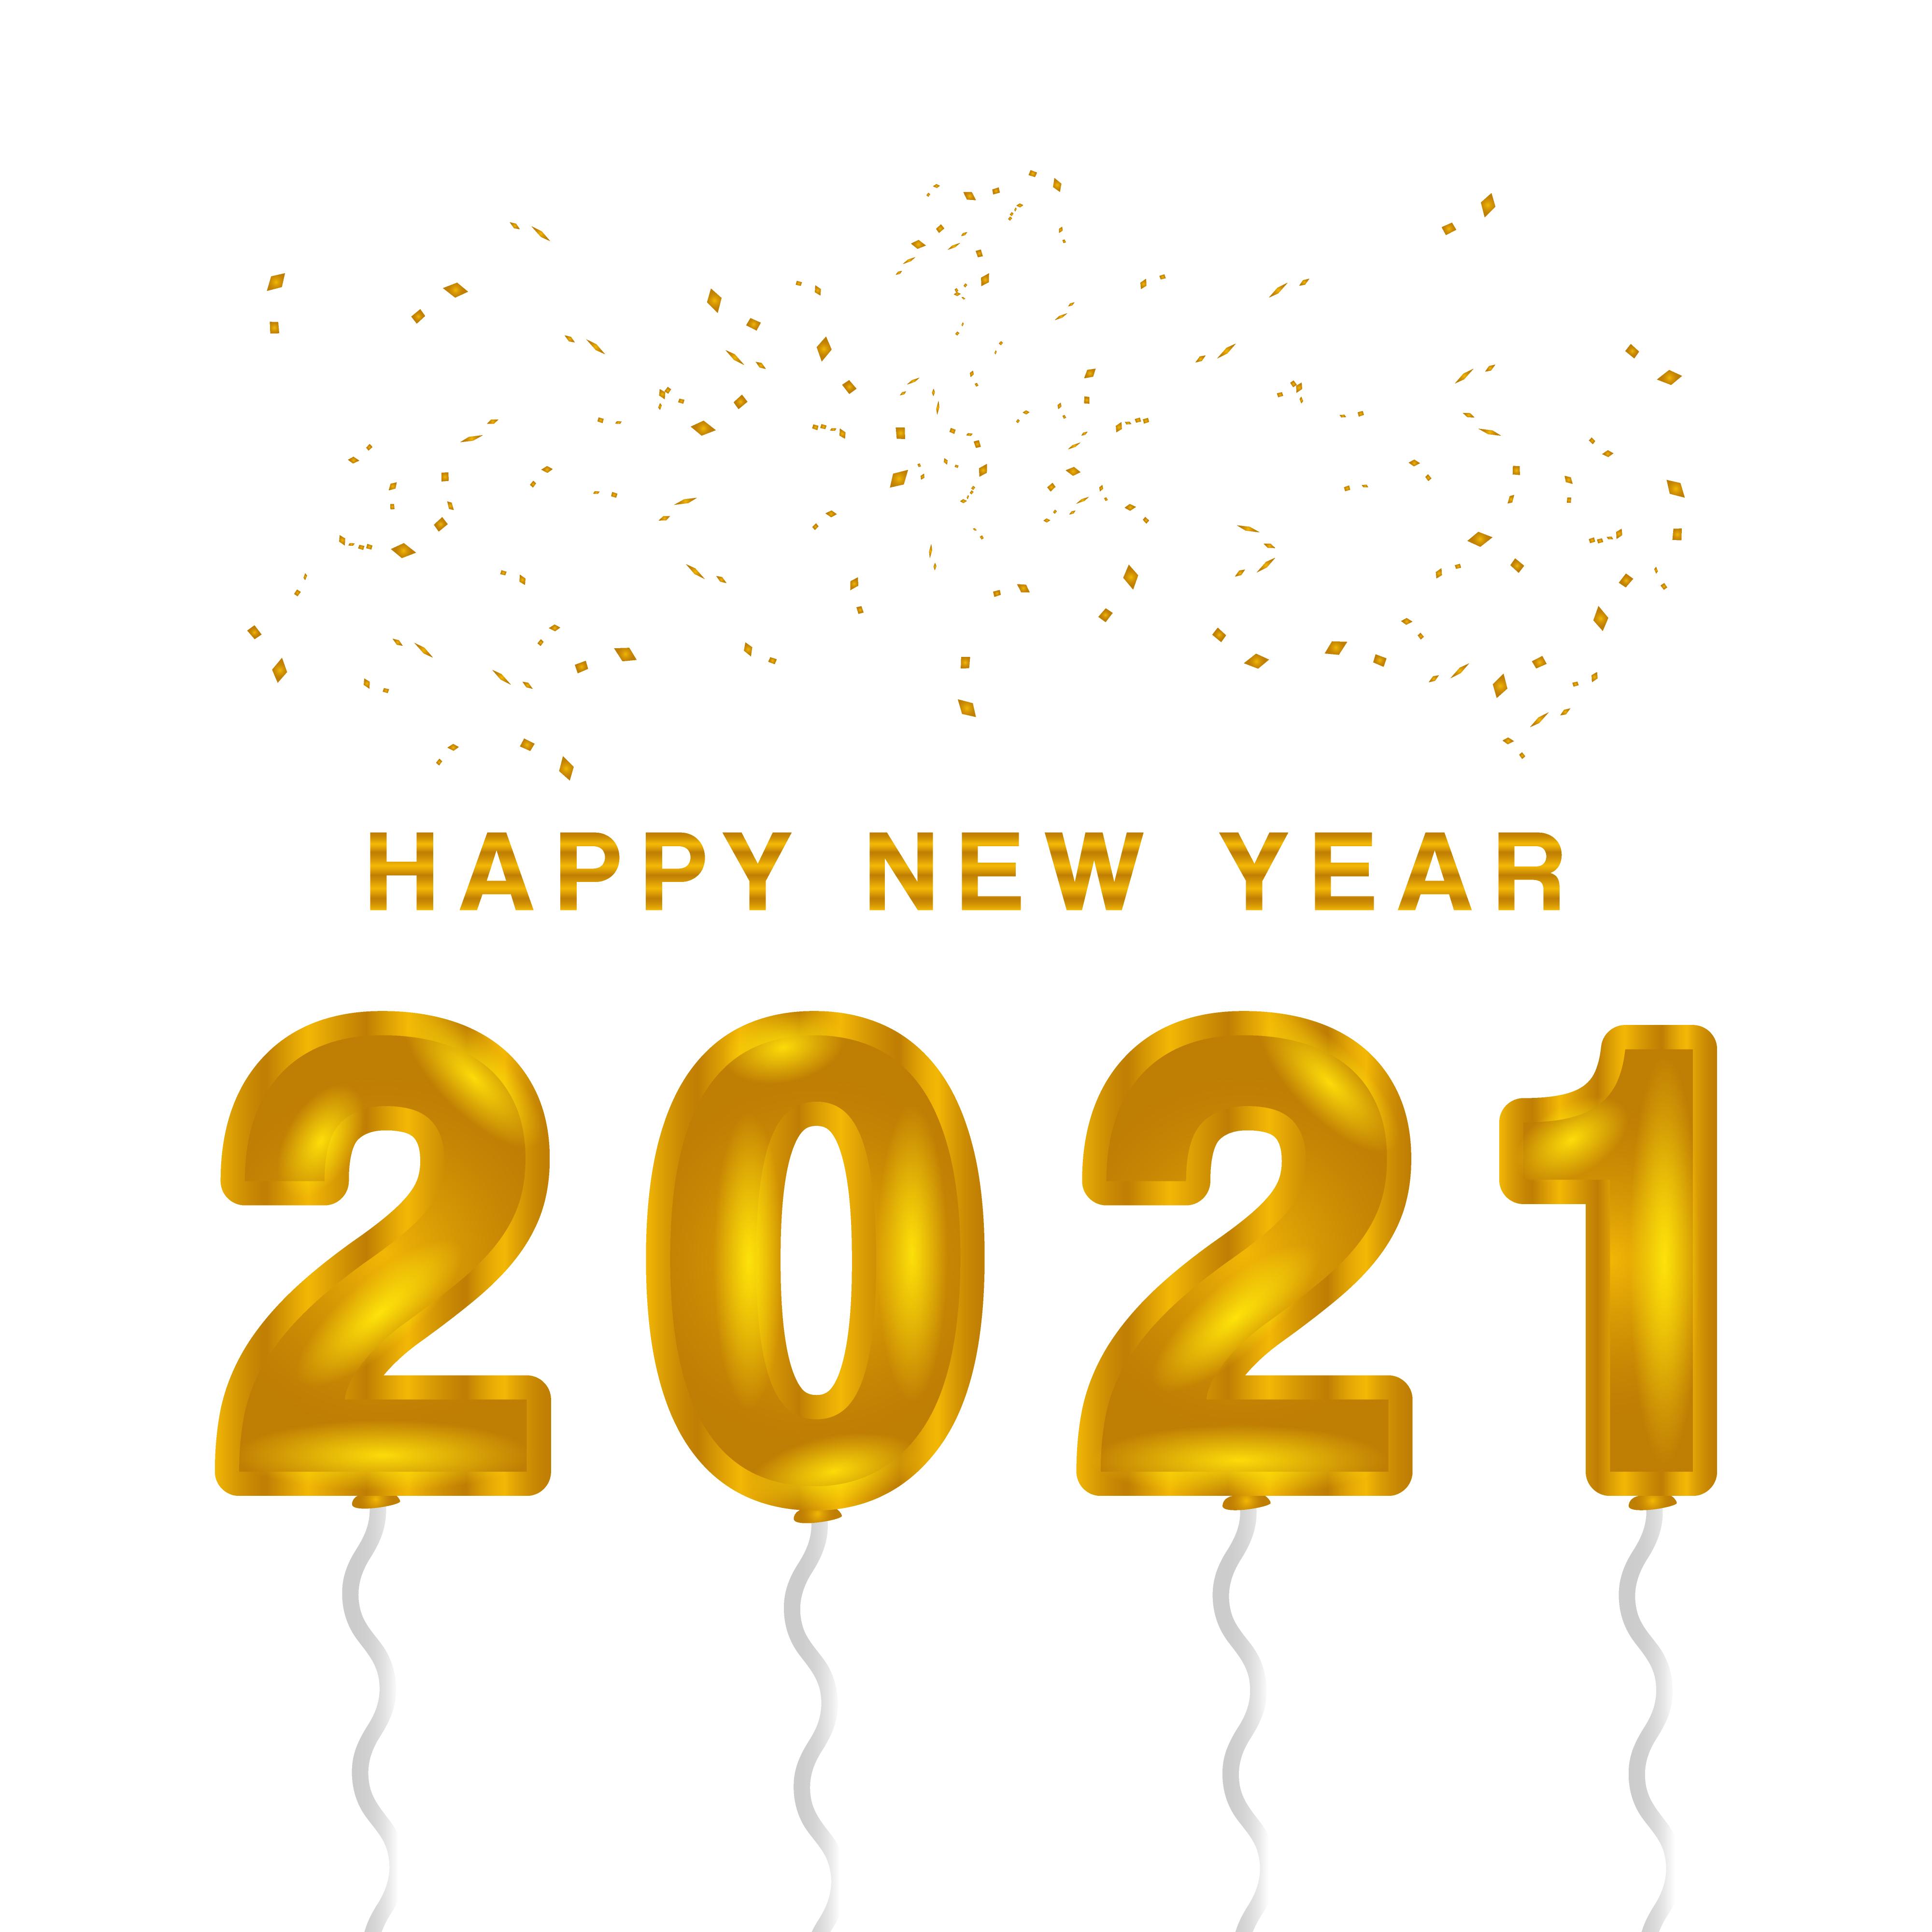 Jahreslosung 2021 Bilder Kostenlos